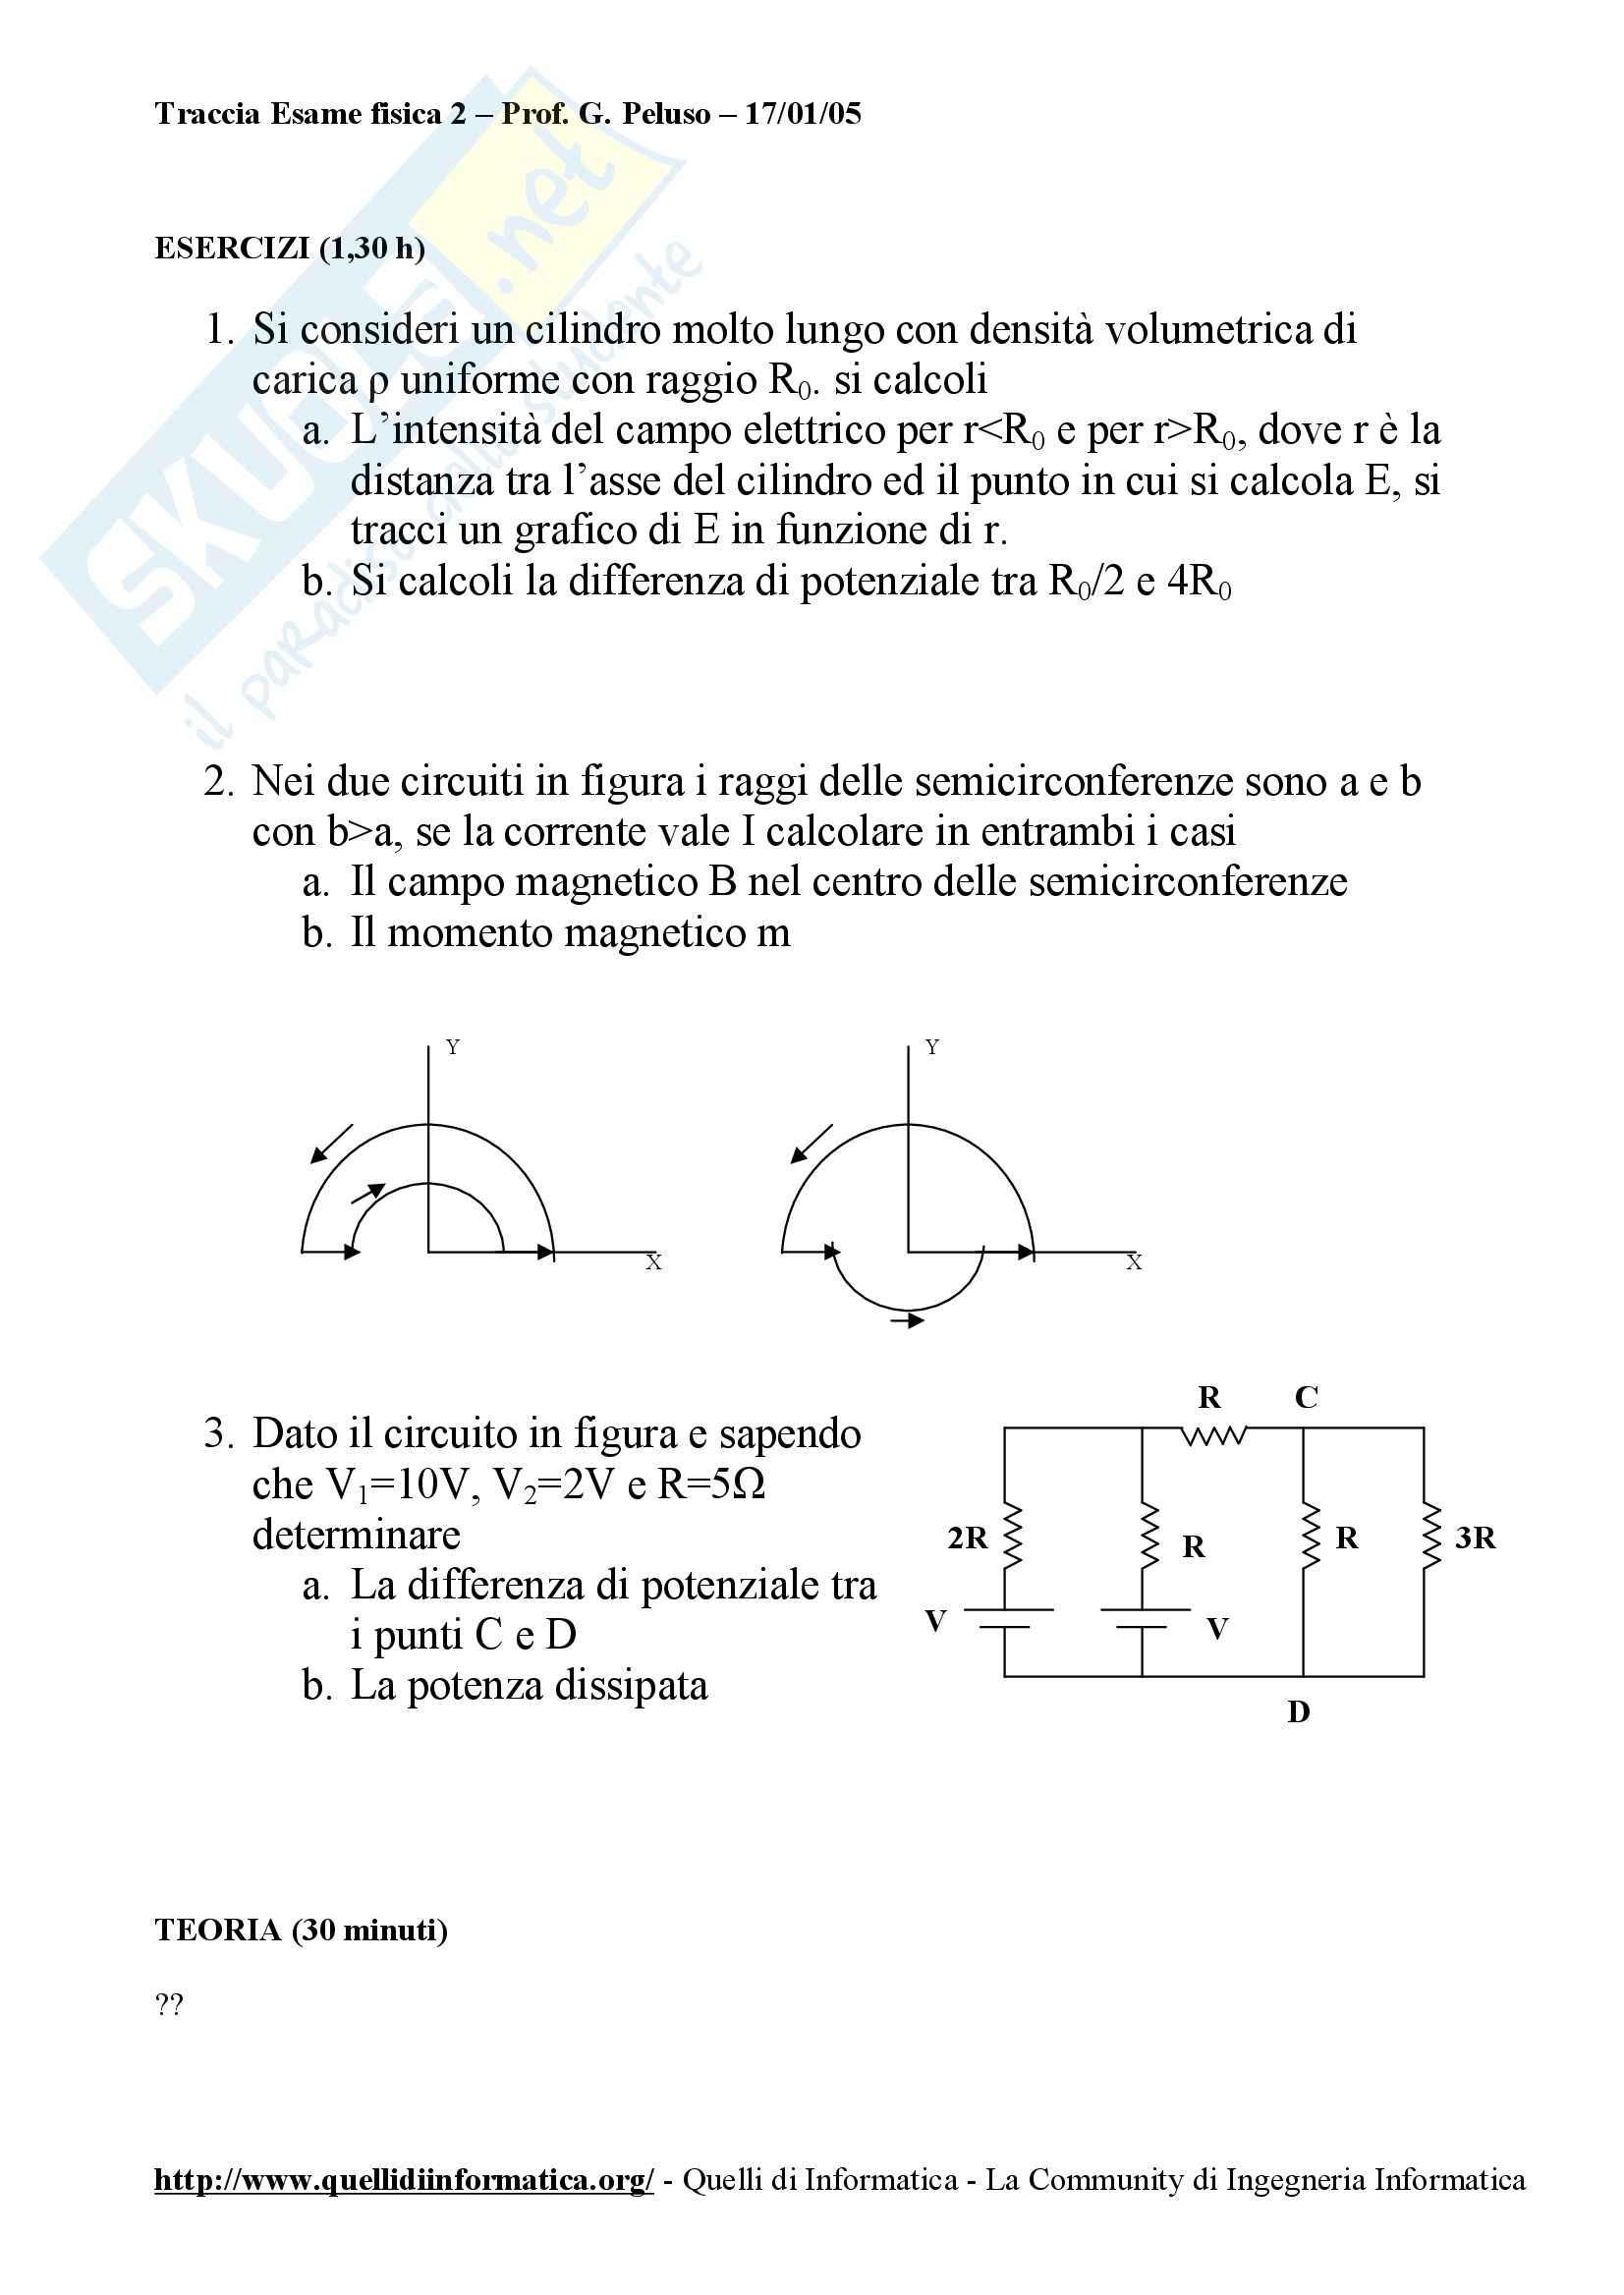 Fisica I - Esame fisica prof. Peluso 2005